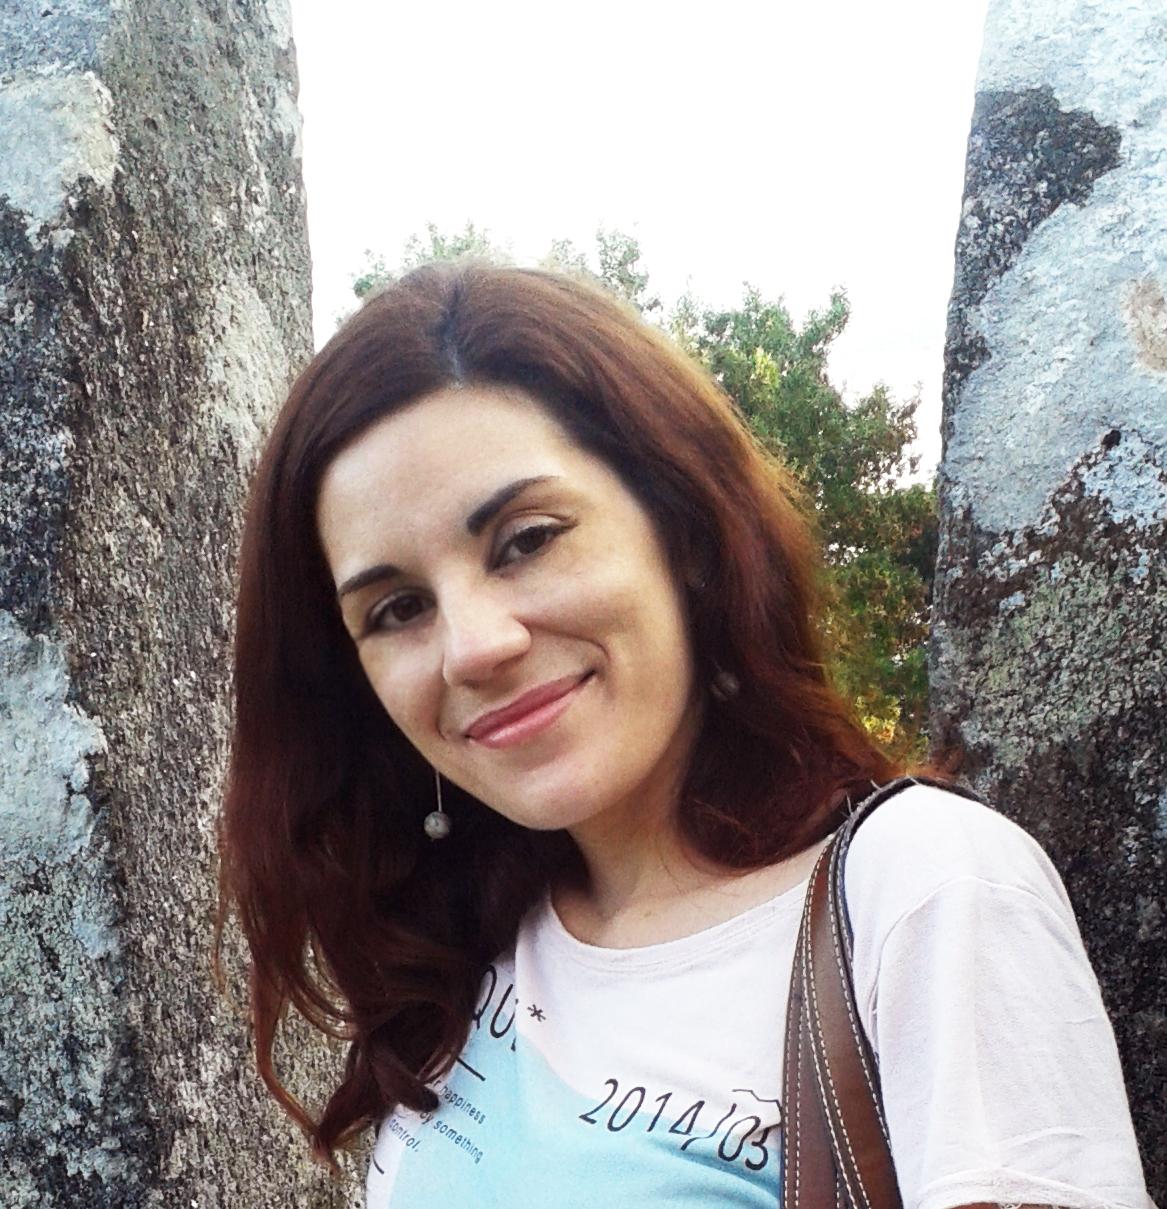 Vanessa Cantero